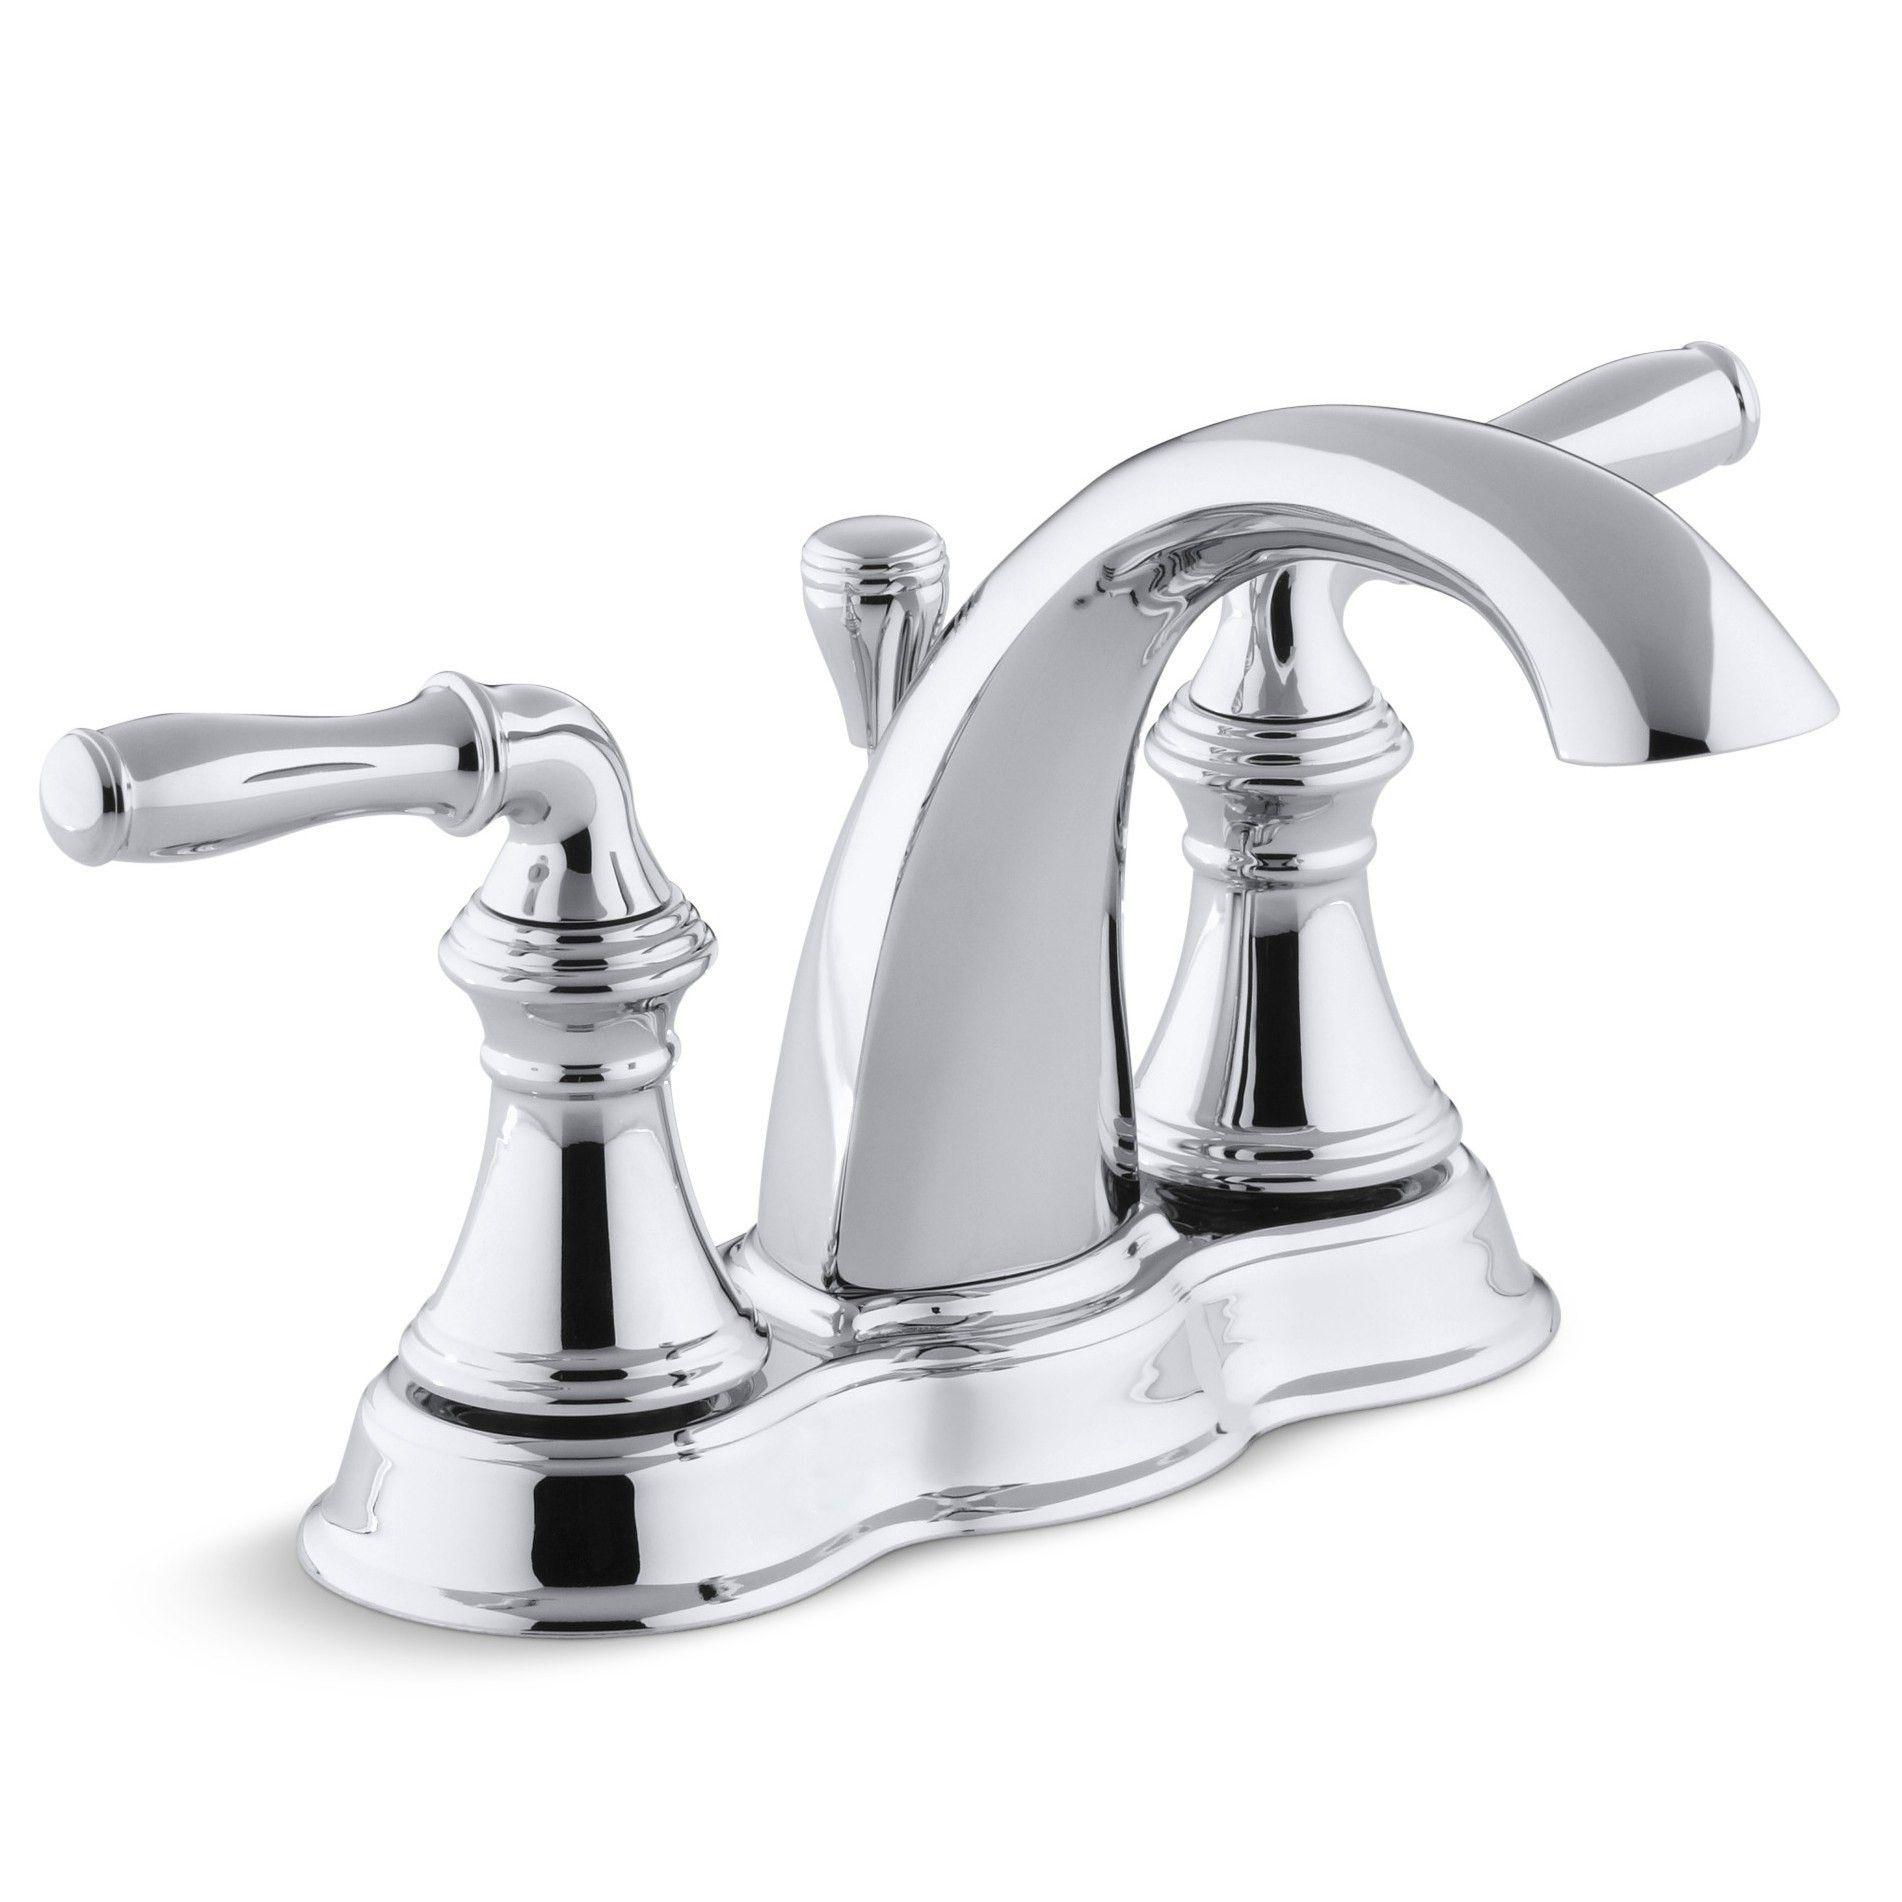 Luxury American Standard Bathroom Faucet Repair Instructions